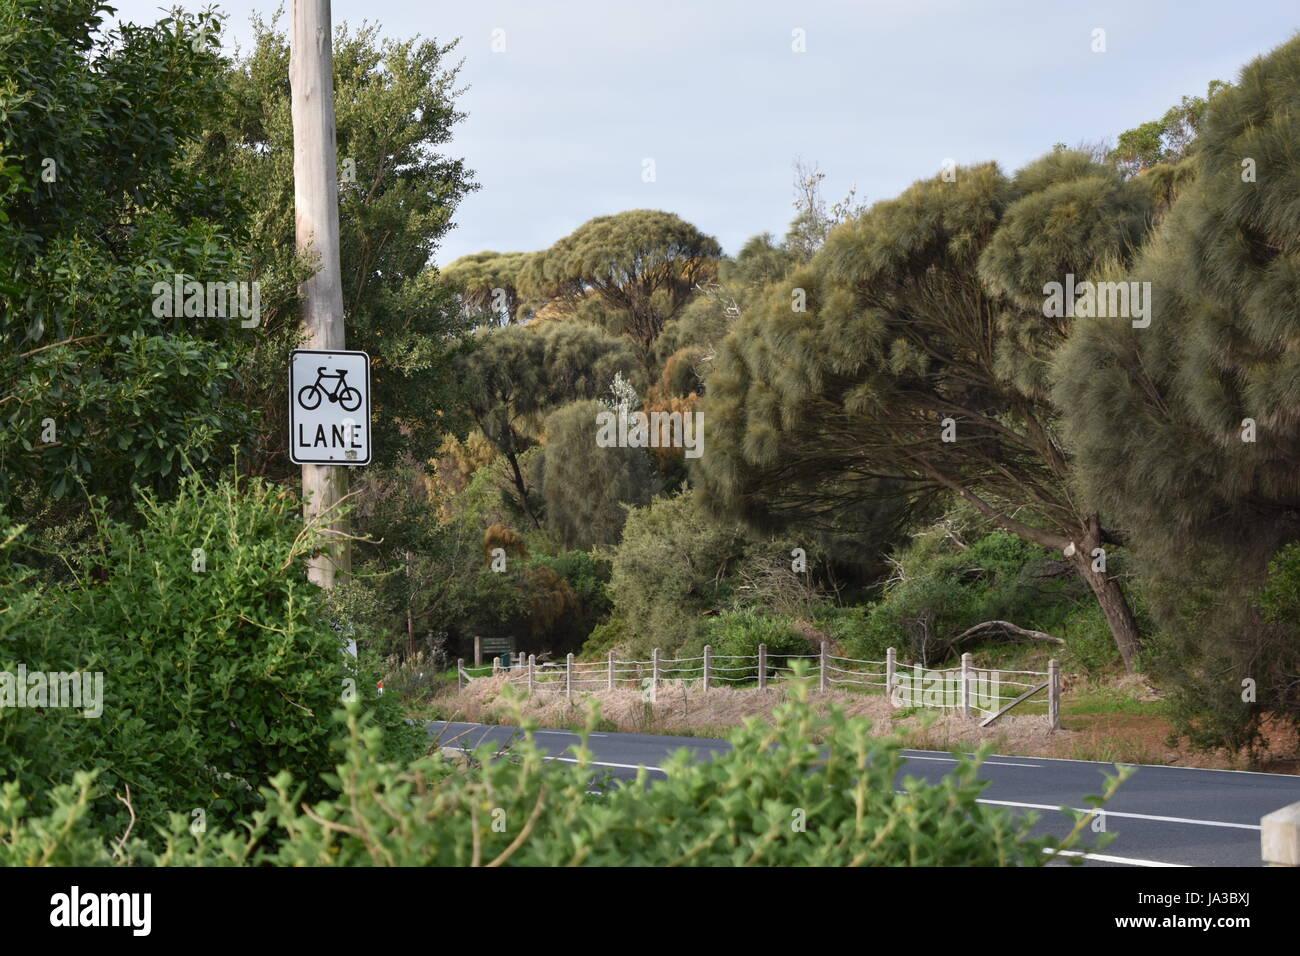 bike lane - Stock Image